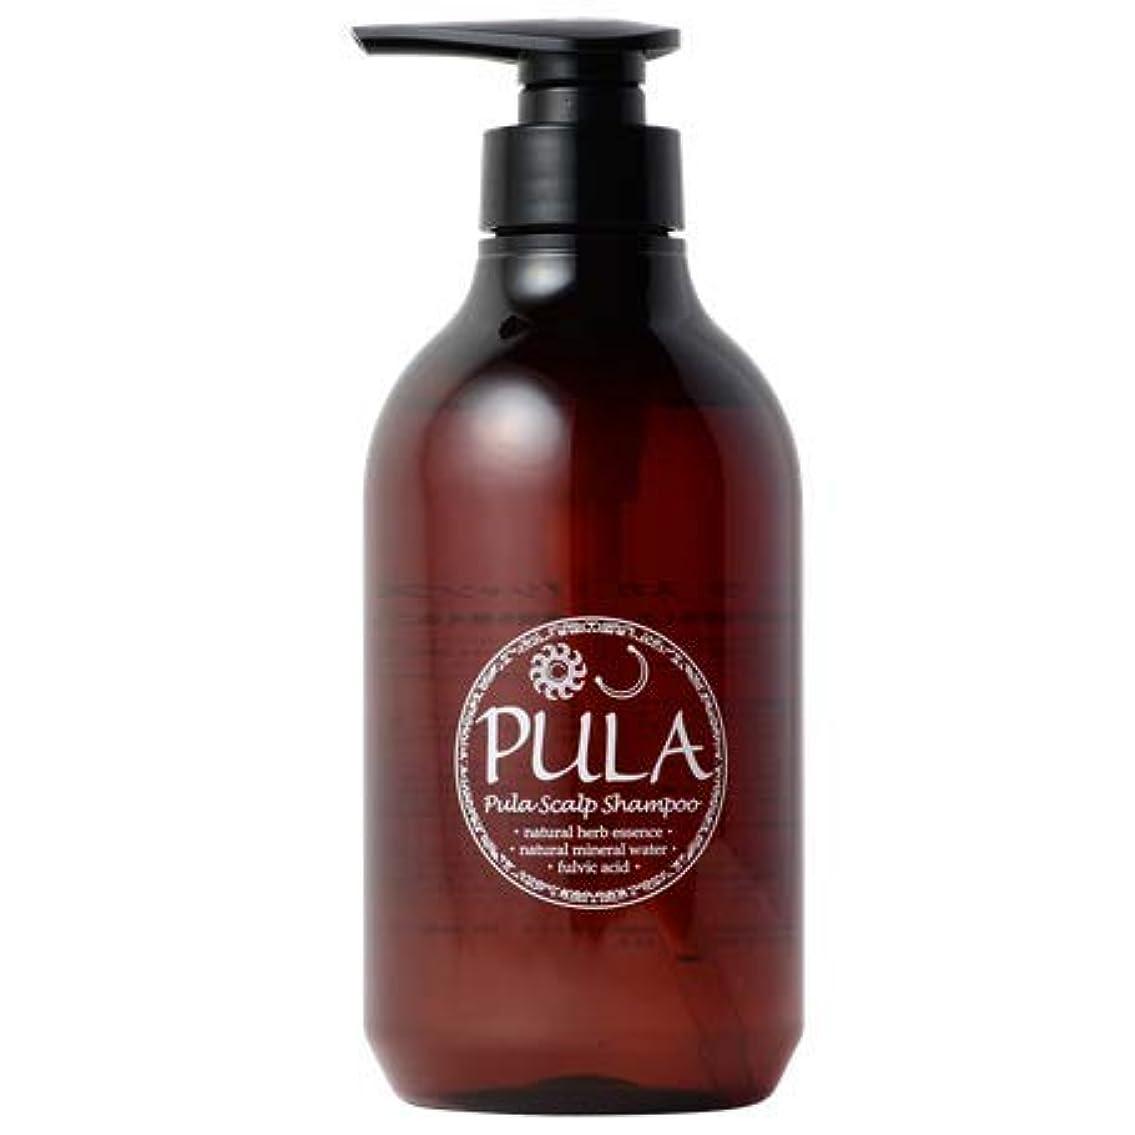 シンクわかりやすい意味プーラ スカルプ シャンプー 500ml 【 天然フレグランス/頭皮に優しい 】 ヘッドスパ専門店 PULA 自然由来配合